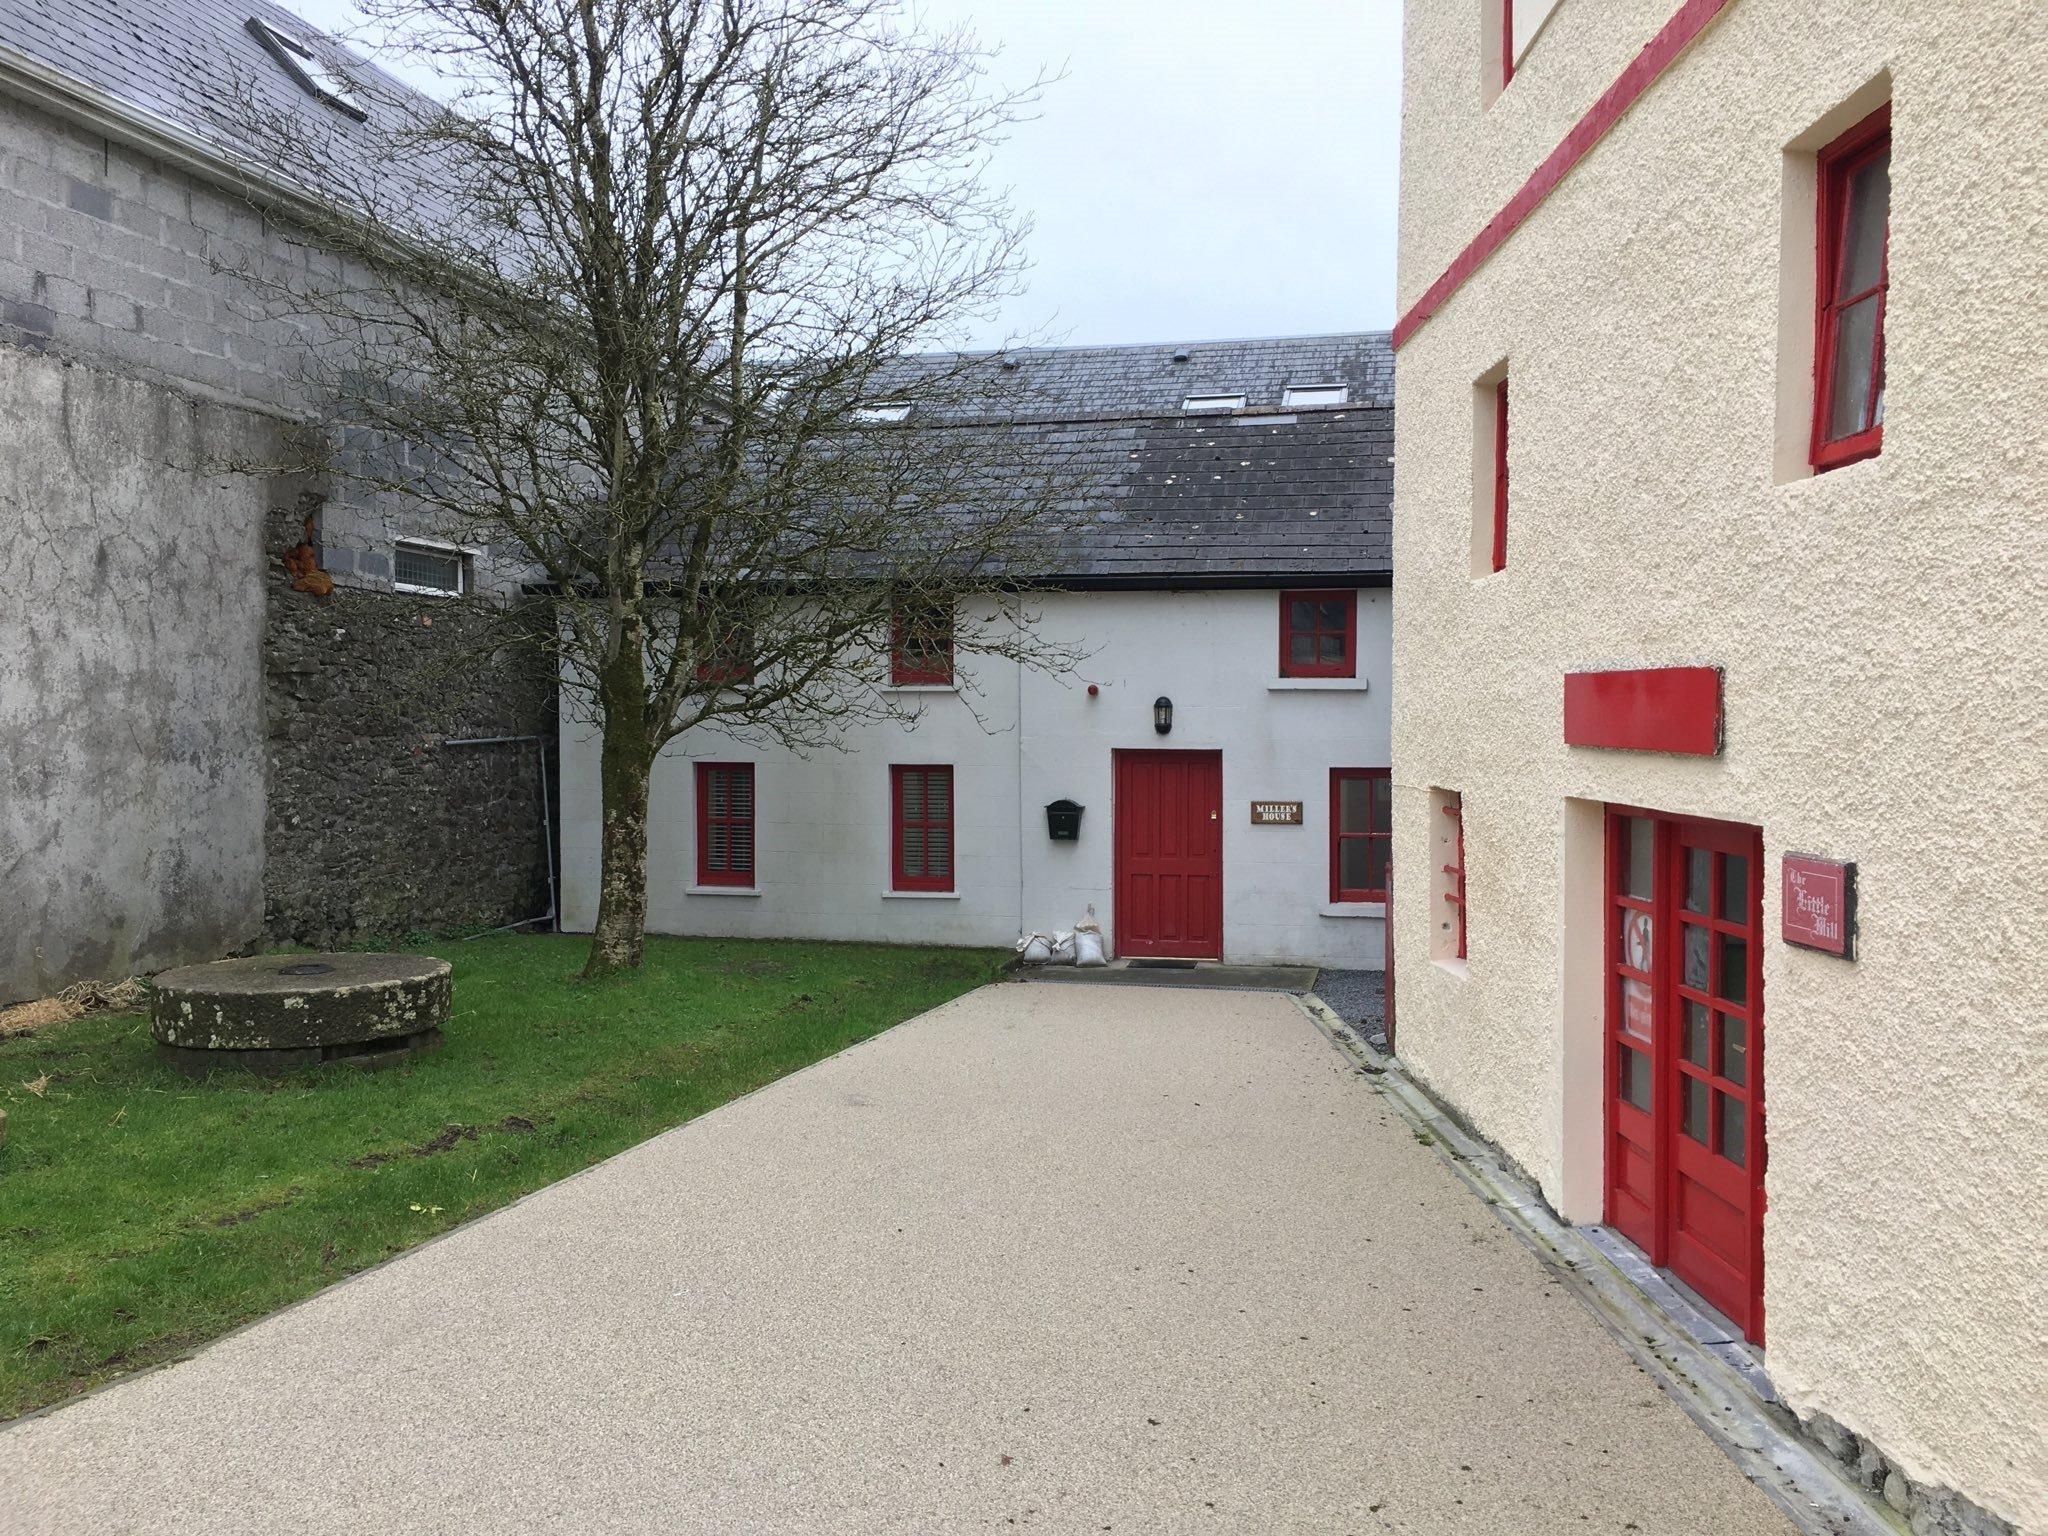 Chapel Lane Mill Tuam - Visit Galway